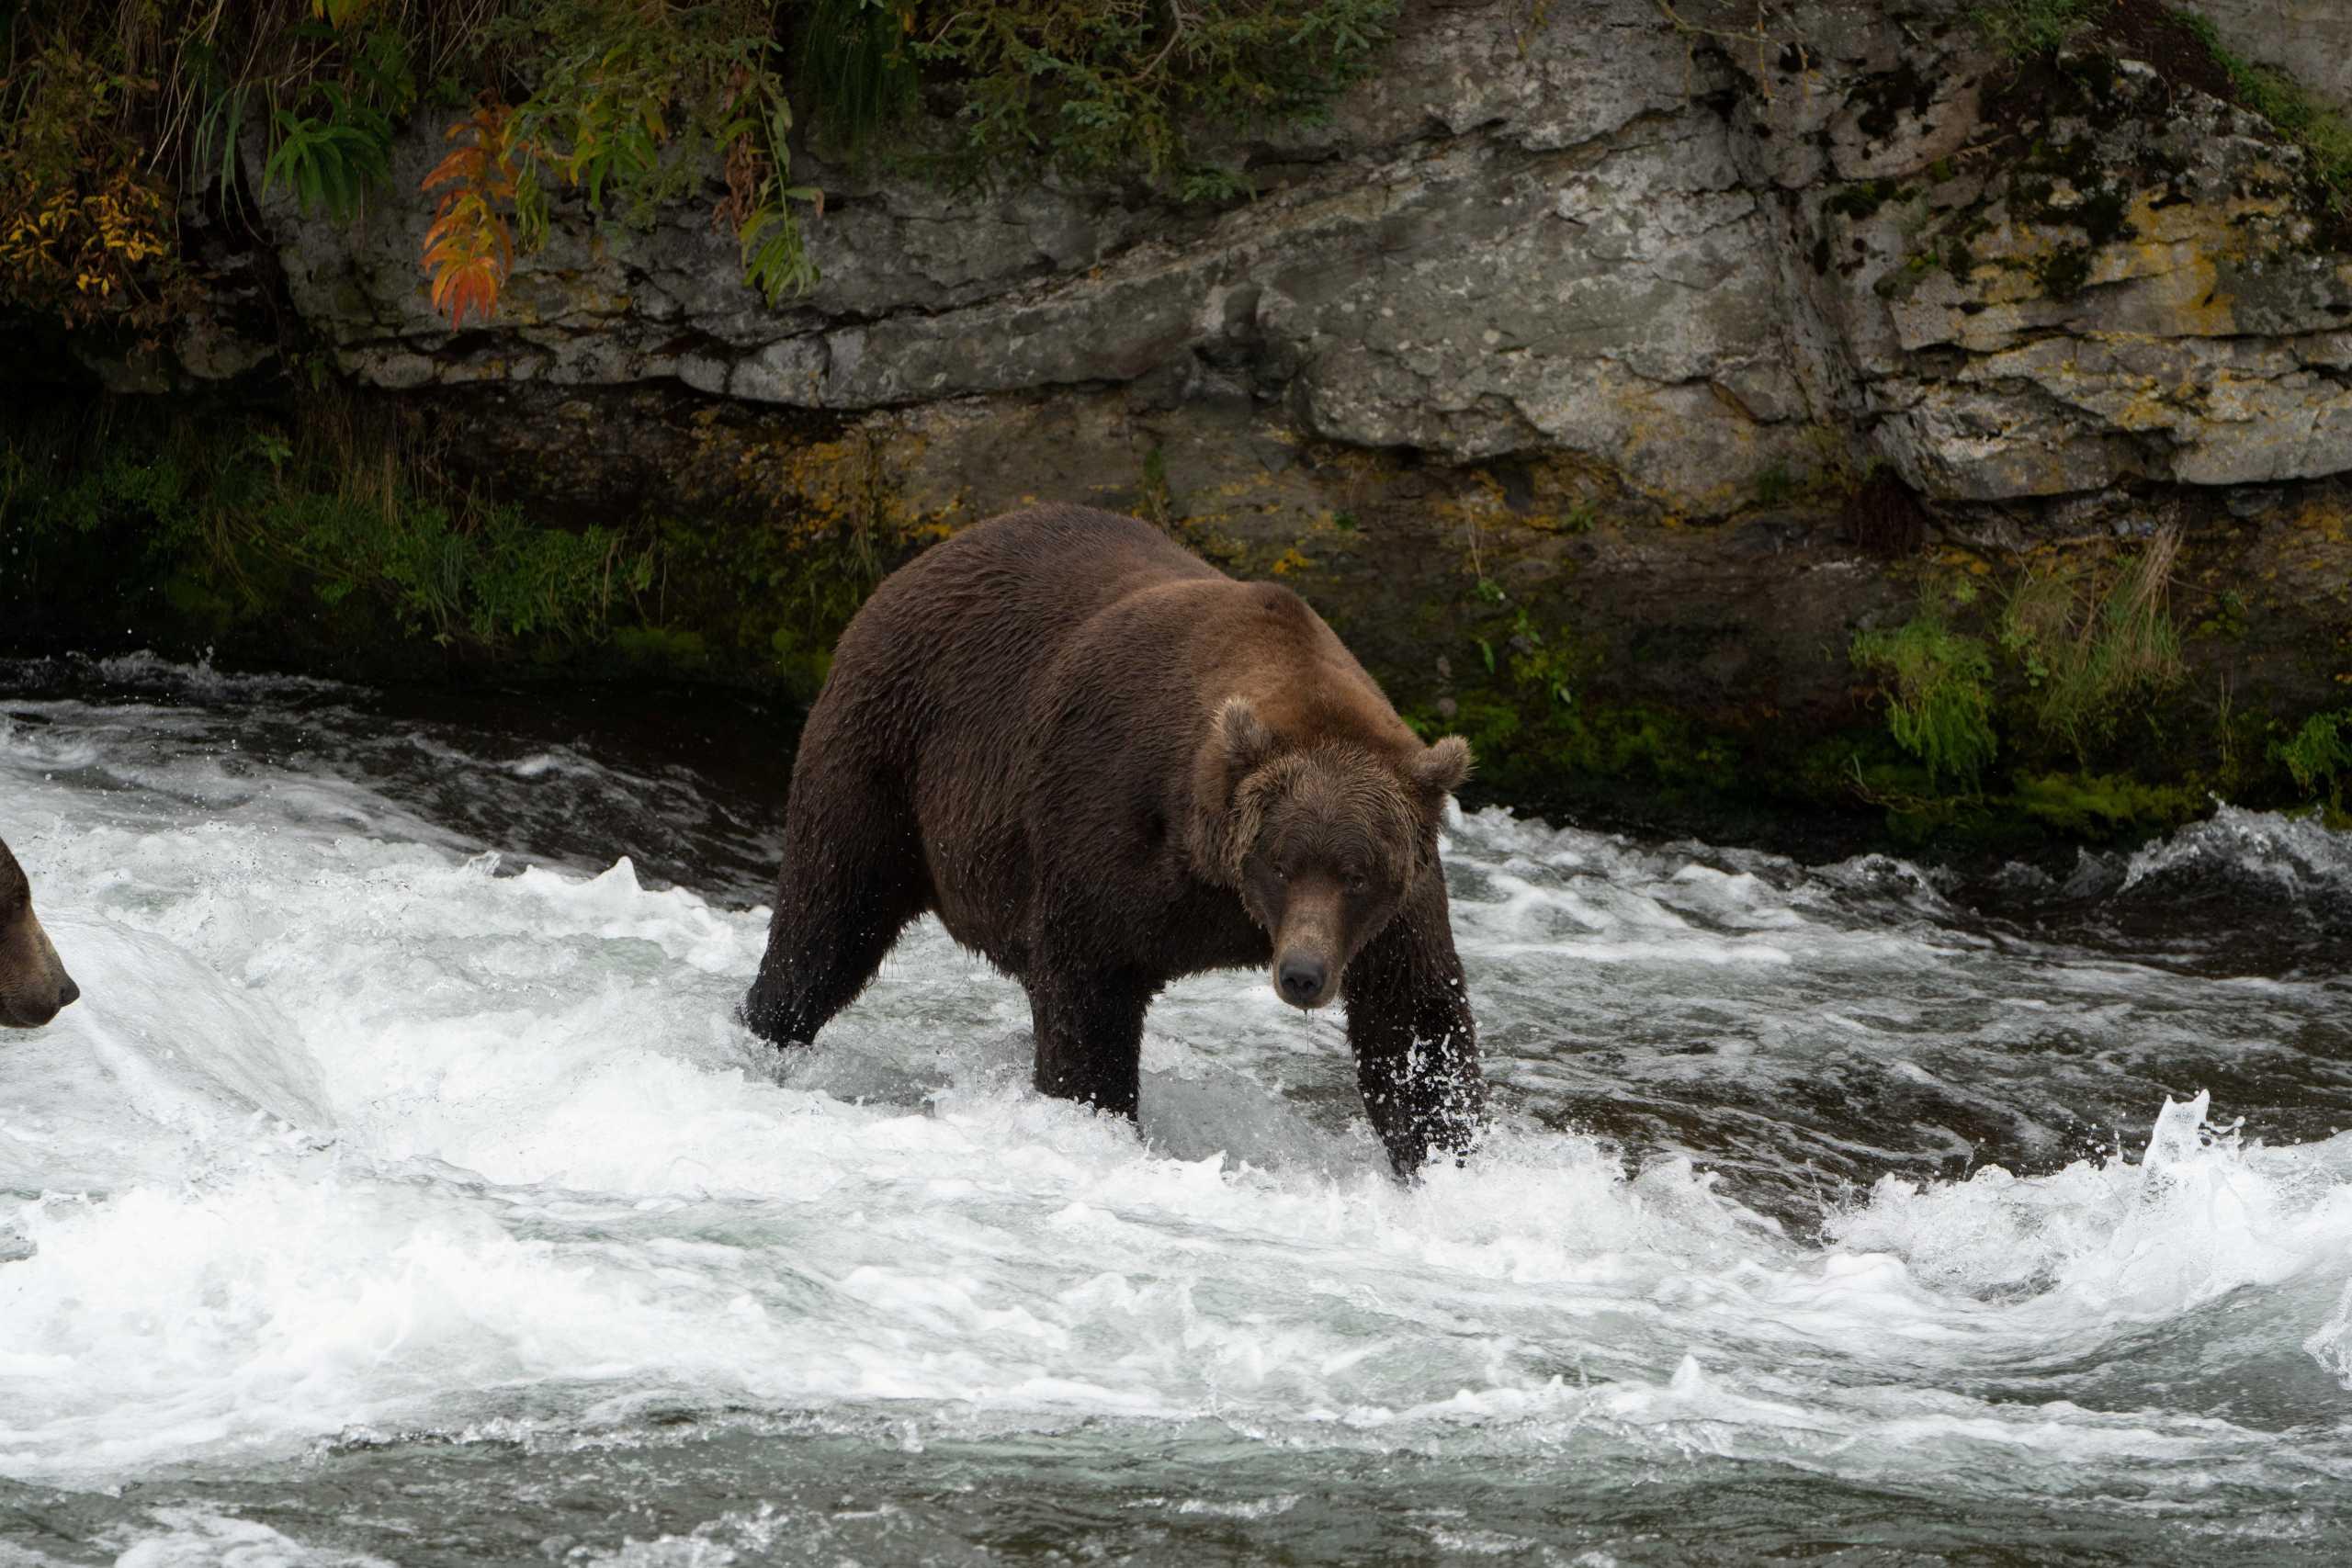 Ιαπωνία: Με ροκ μουσική αντιμετωπίζουν τις επιθέσεις από αρκούδες